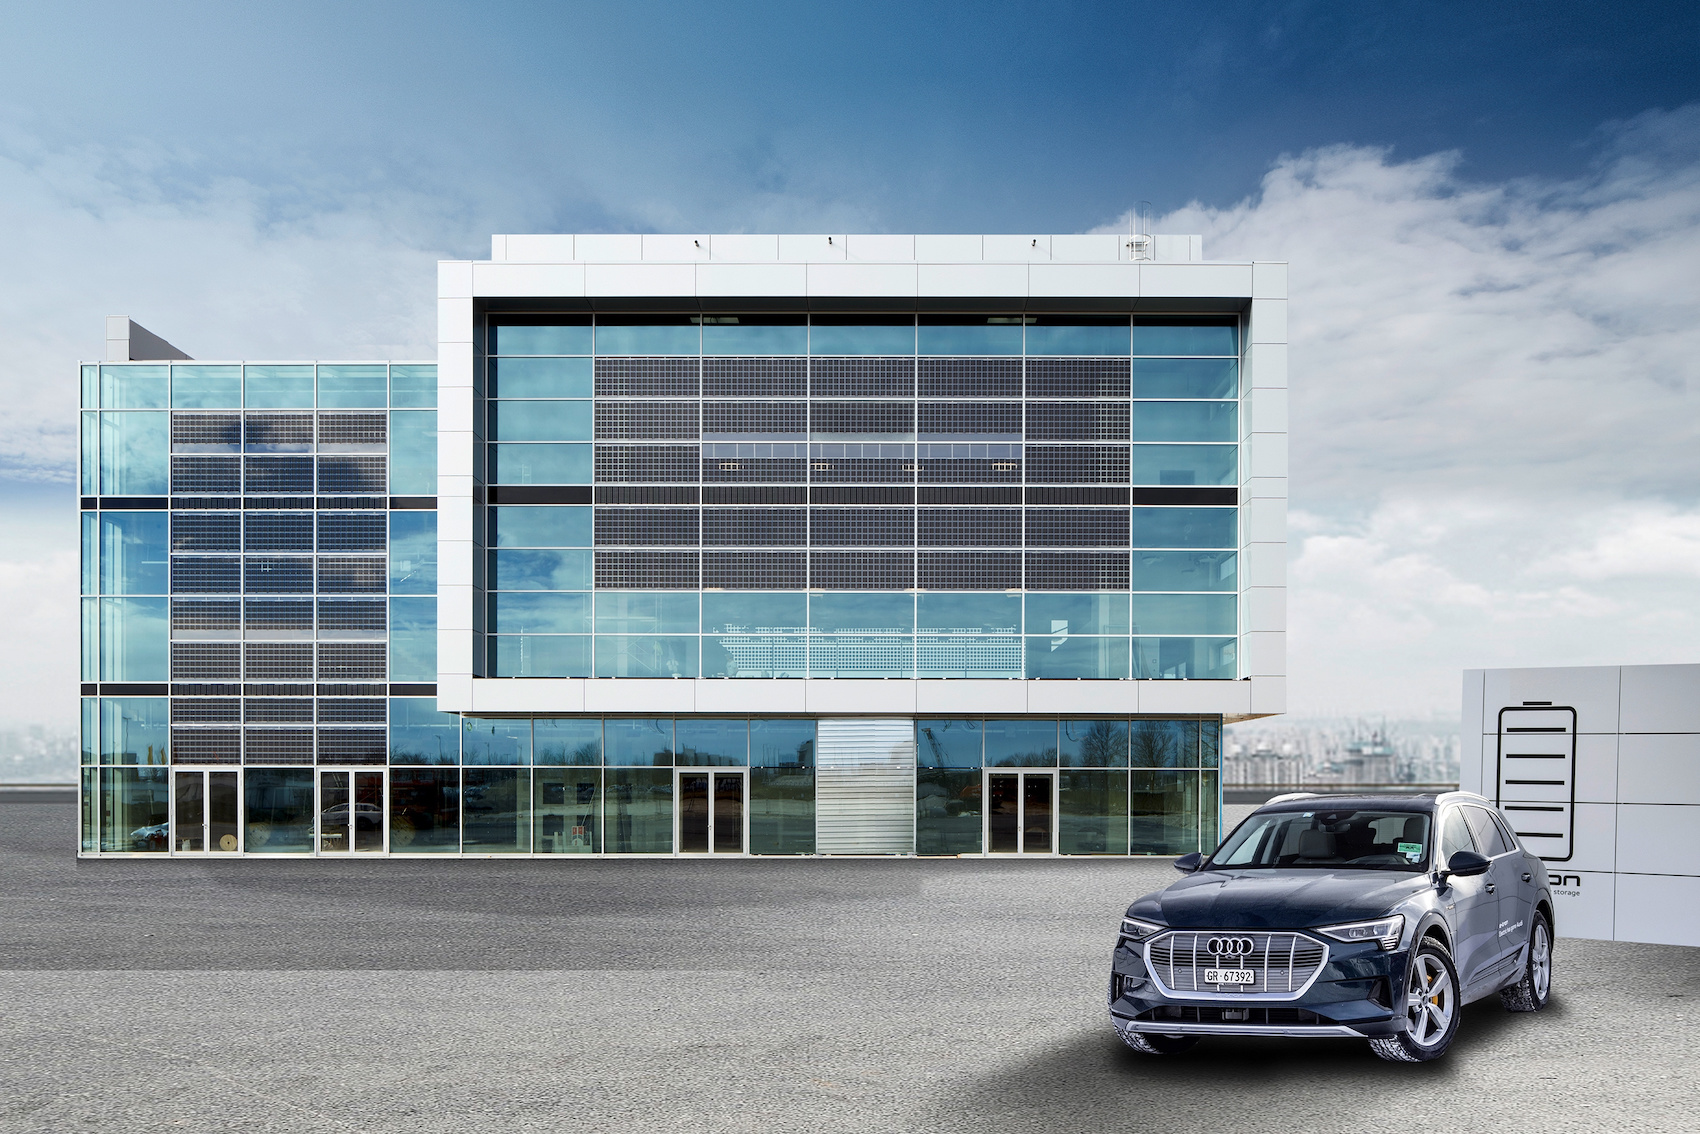 Solarzellen in der Fensterfront: Das Audi Brand Experience Center am Münchner Flughafen. (AUDI)